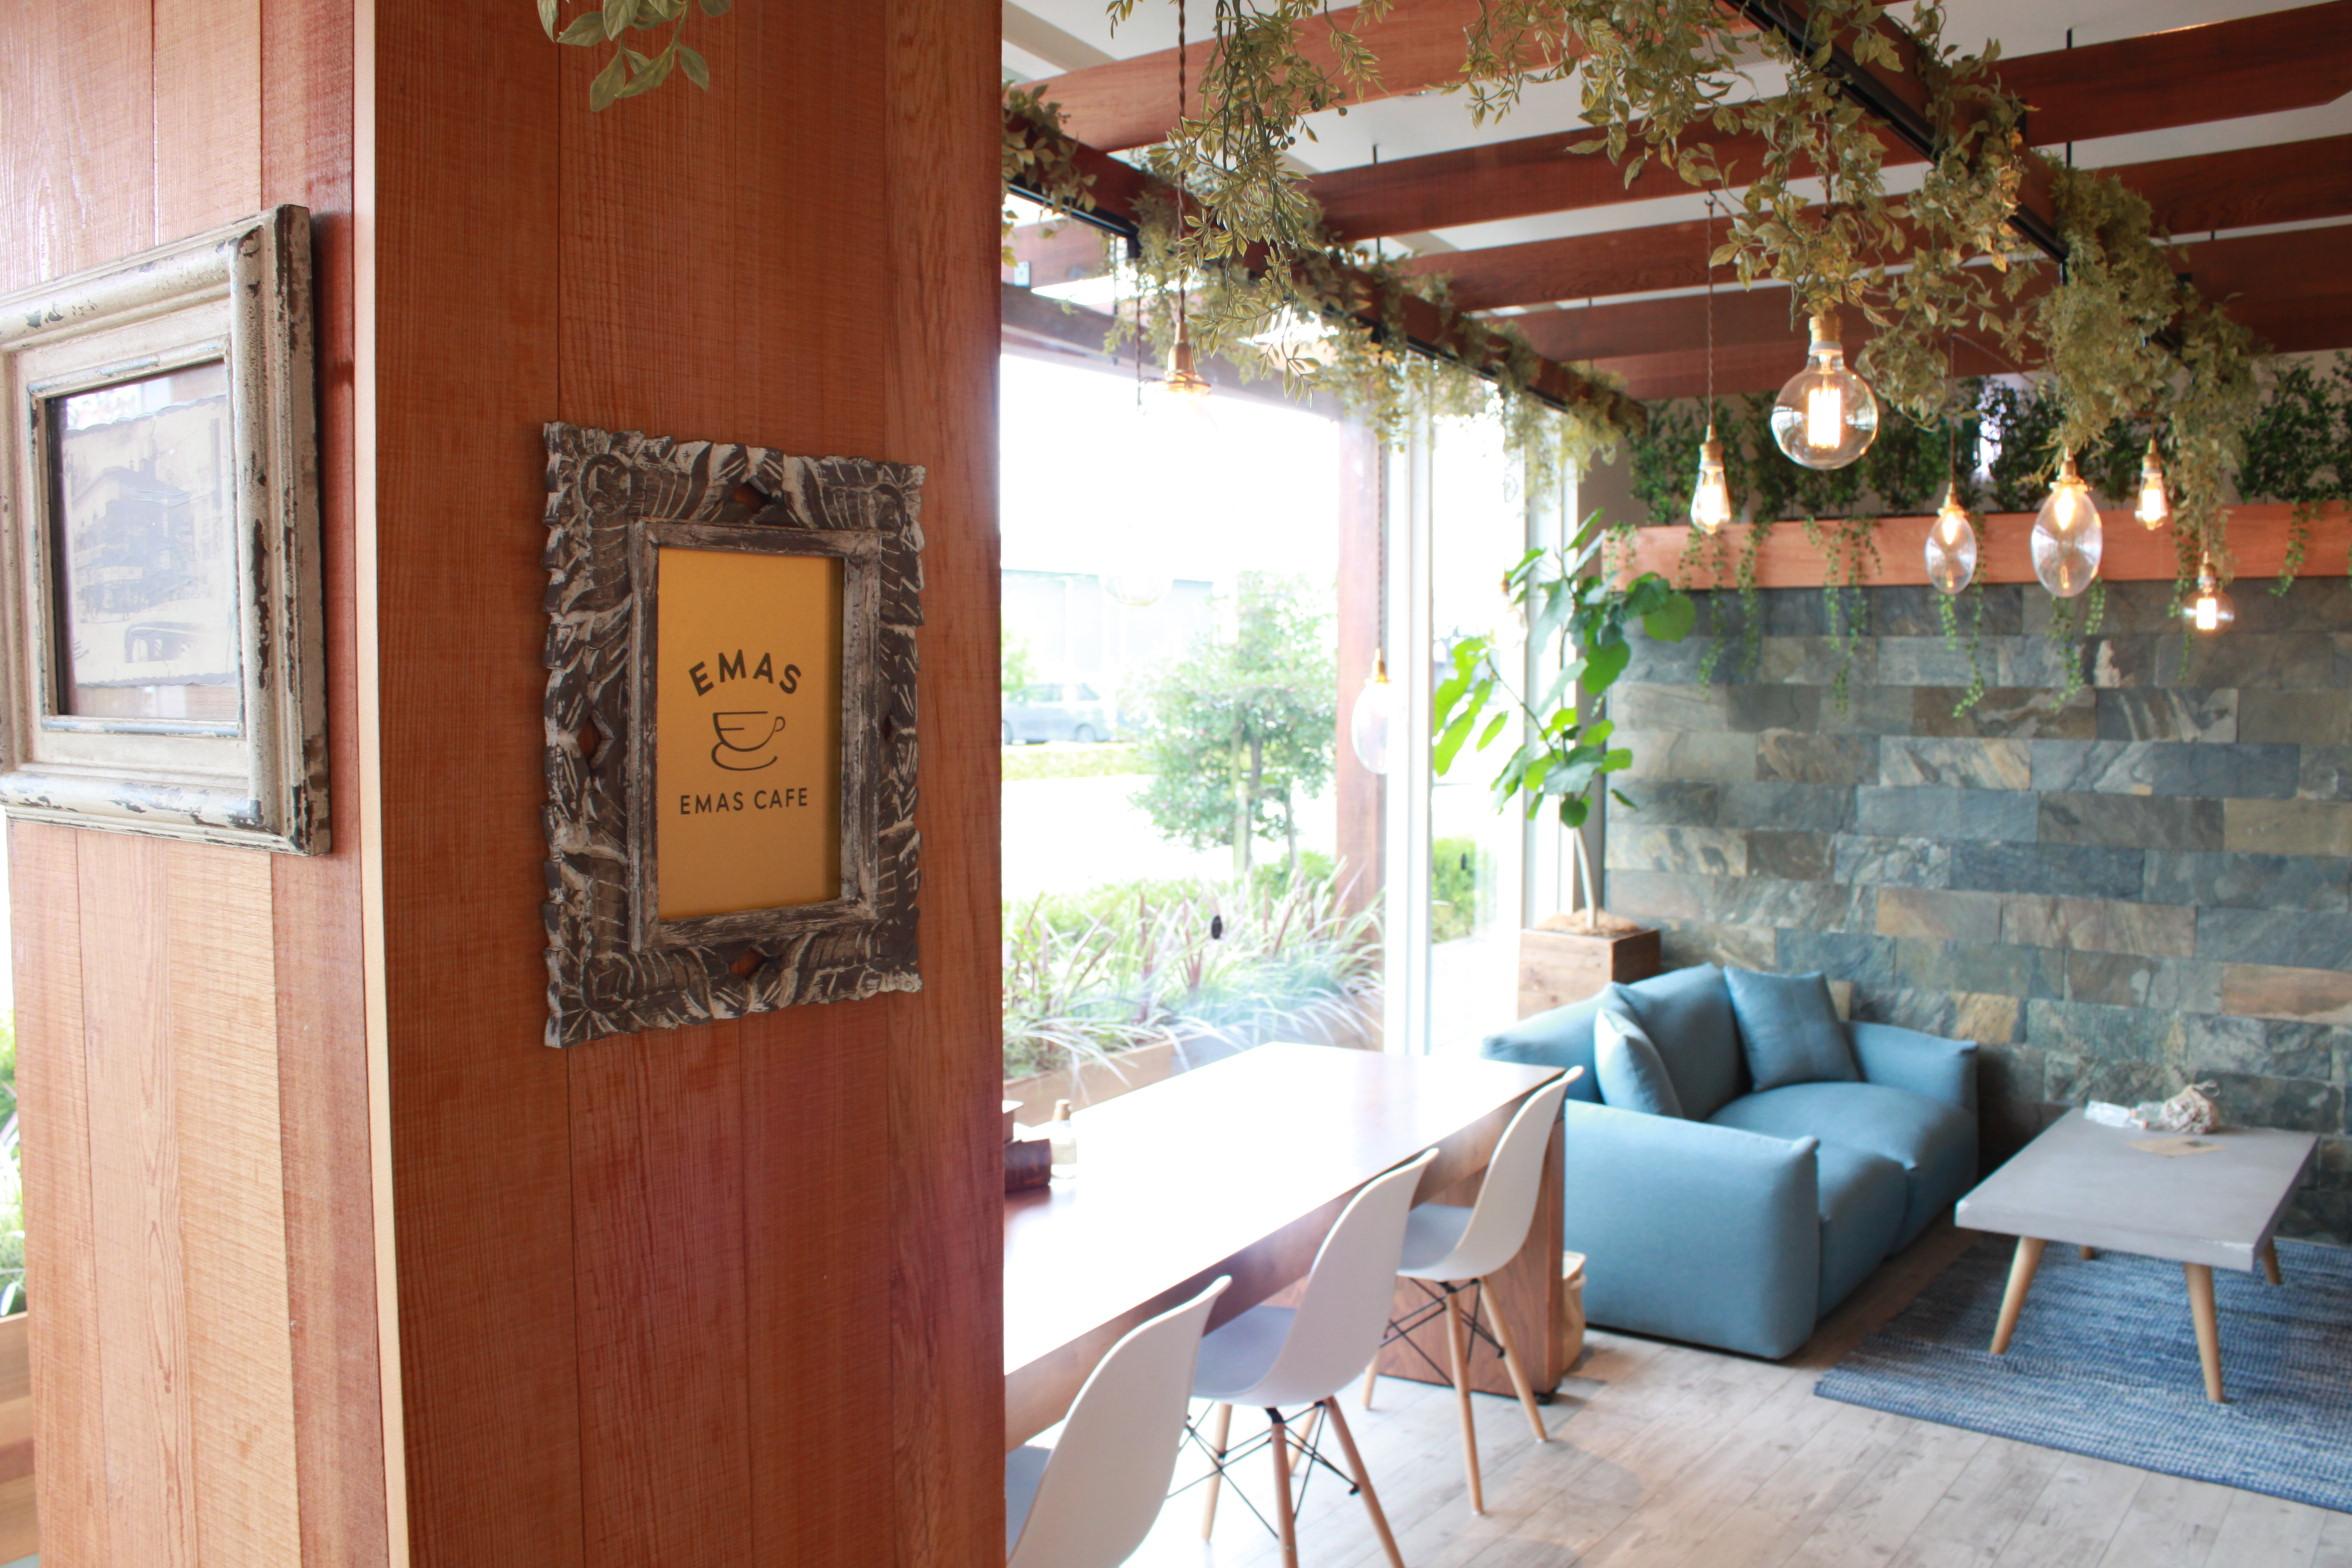 高松市内のカフェエマス